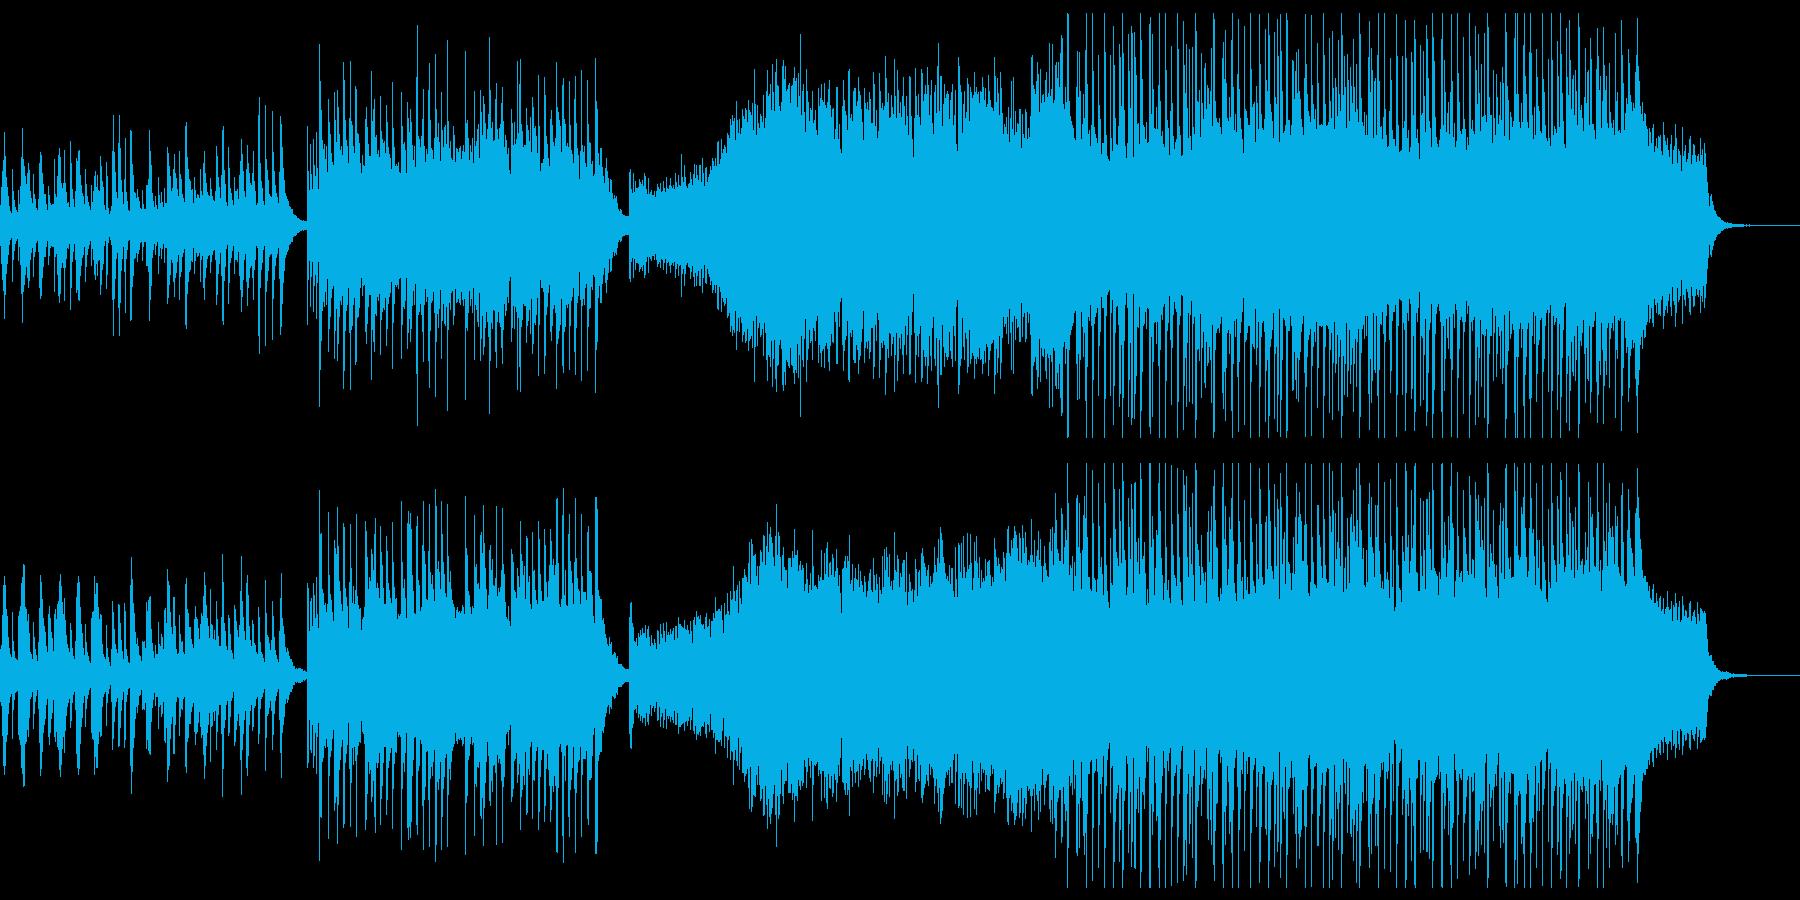 和楽器と現代的編曲が織りなす和風曲の再生済みの波形